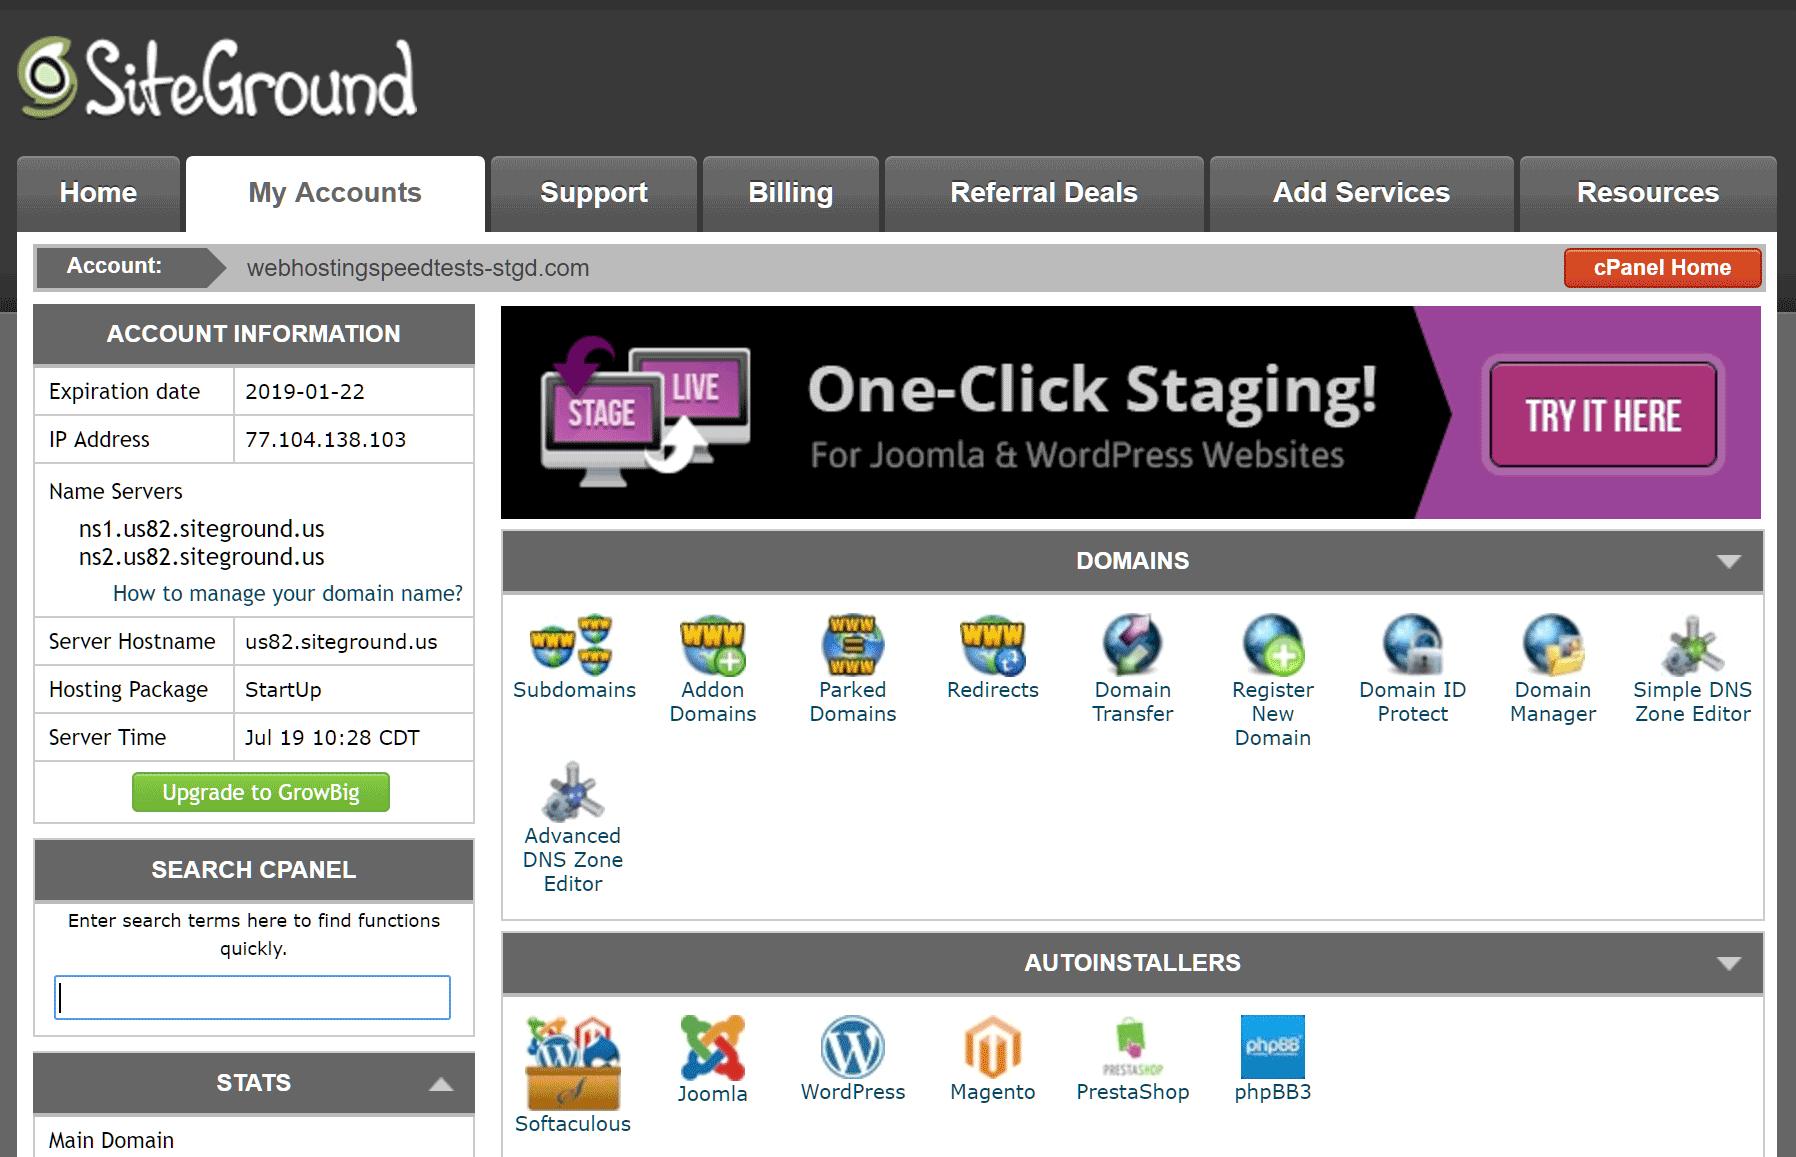 Cuenta de alojamiento de SiteGround cPanel